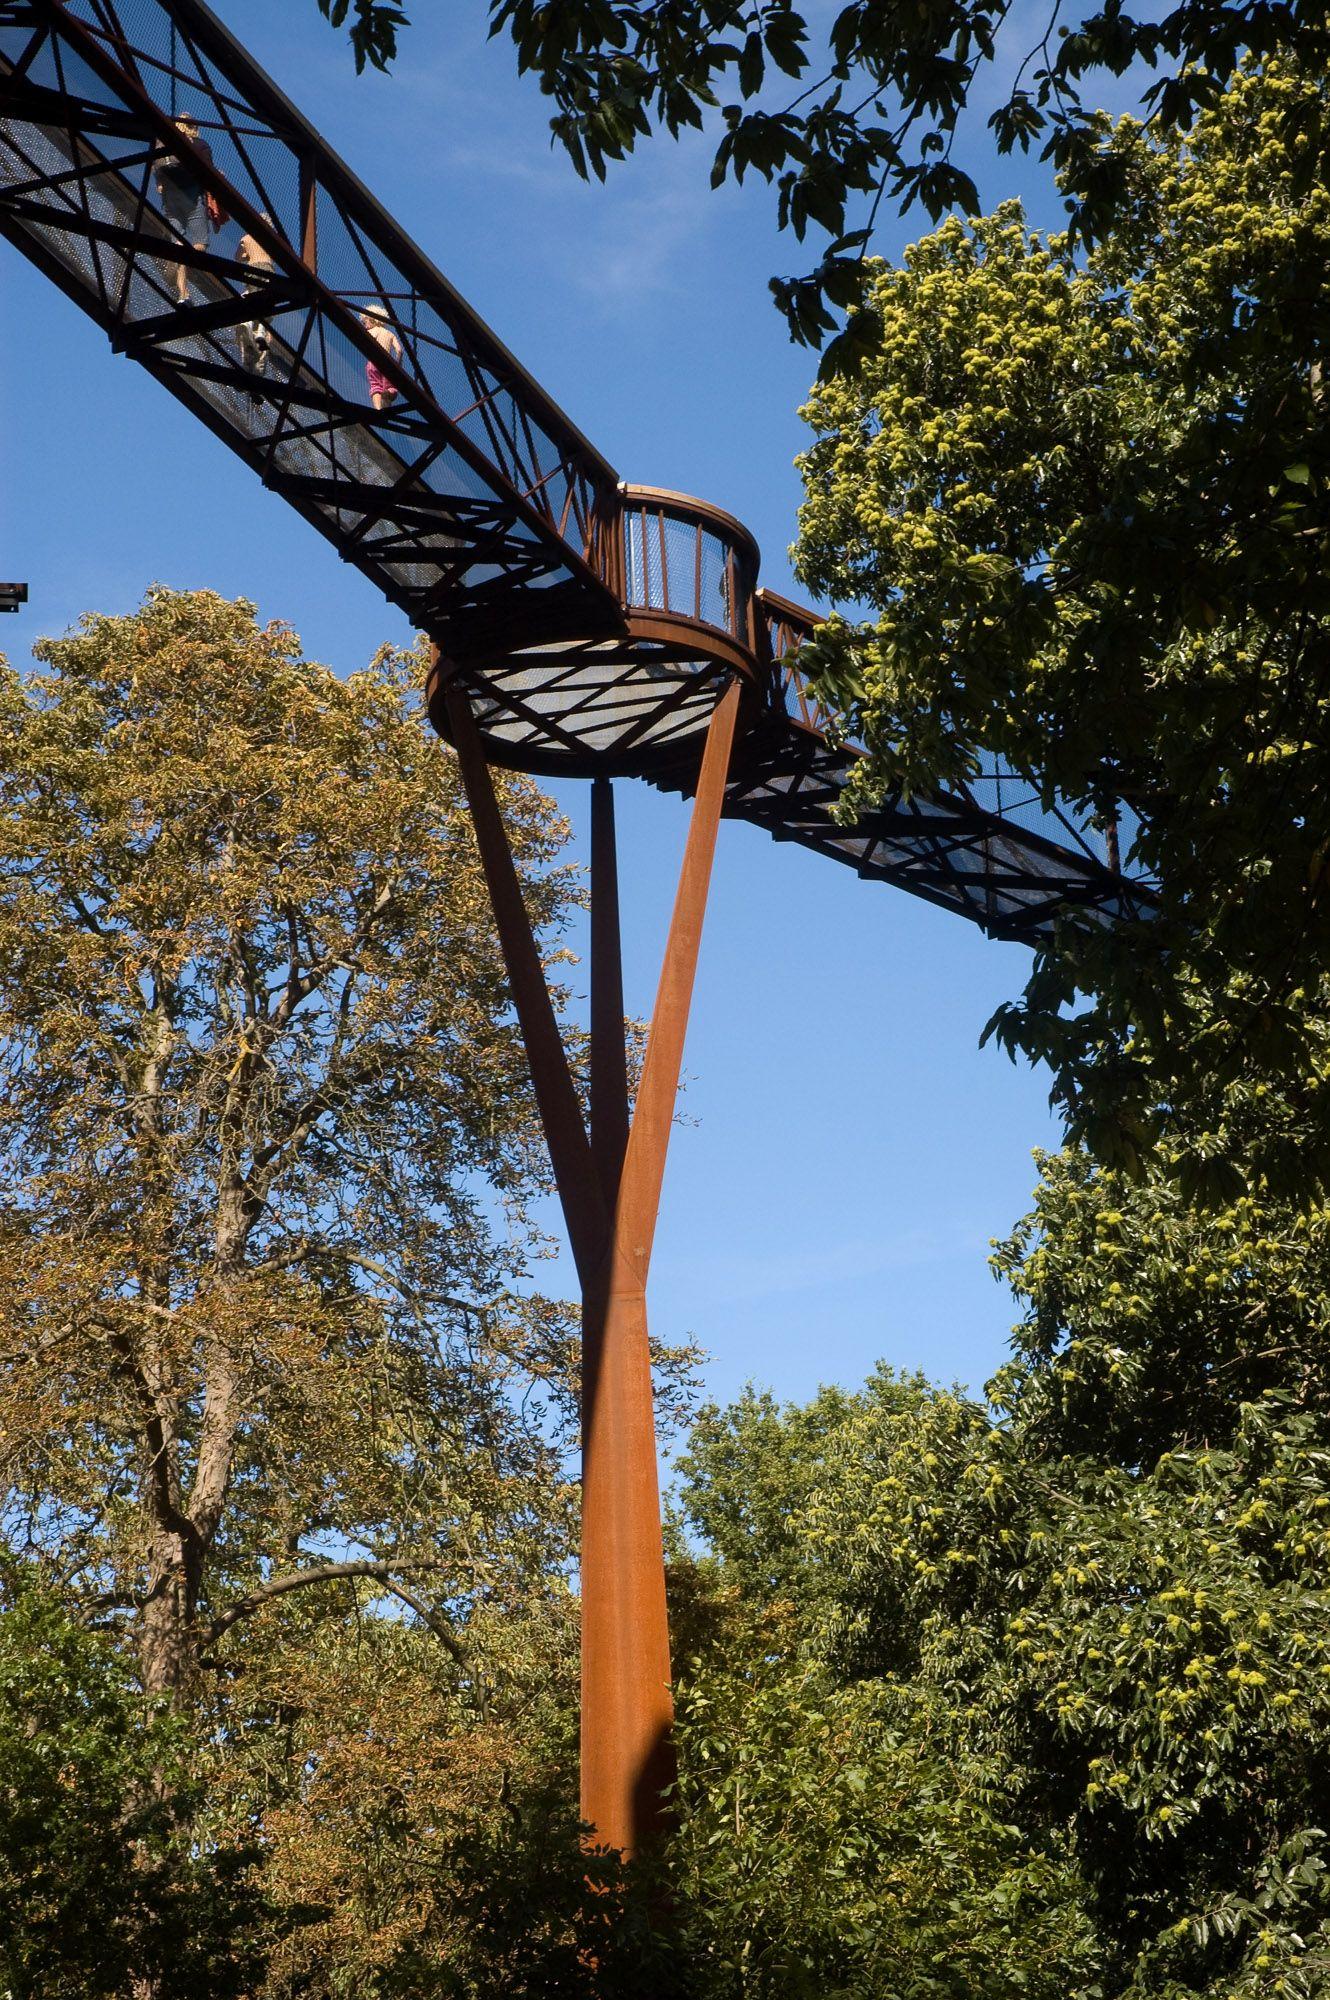 ab6ed1c64eae613b6623454ada7768e7 - How High Is The Tree Top Walk At Kew Gardens